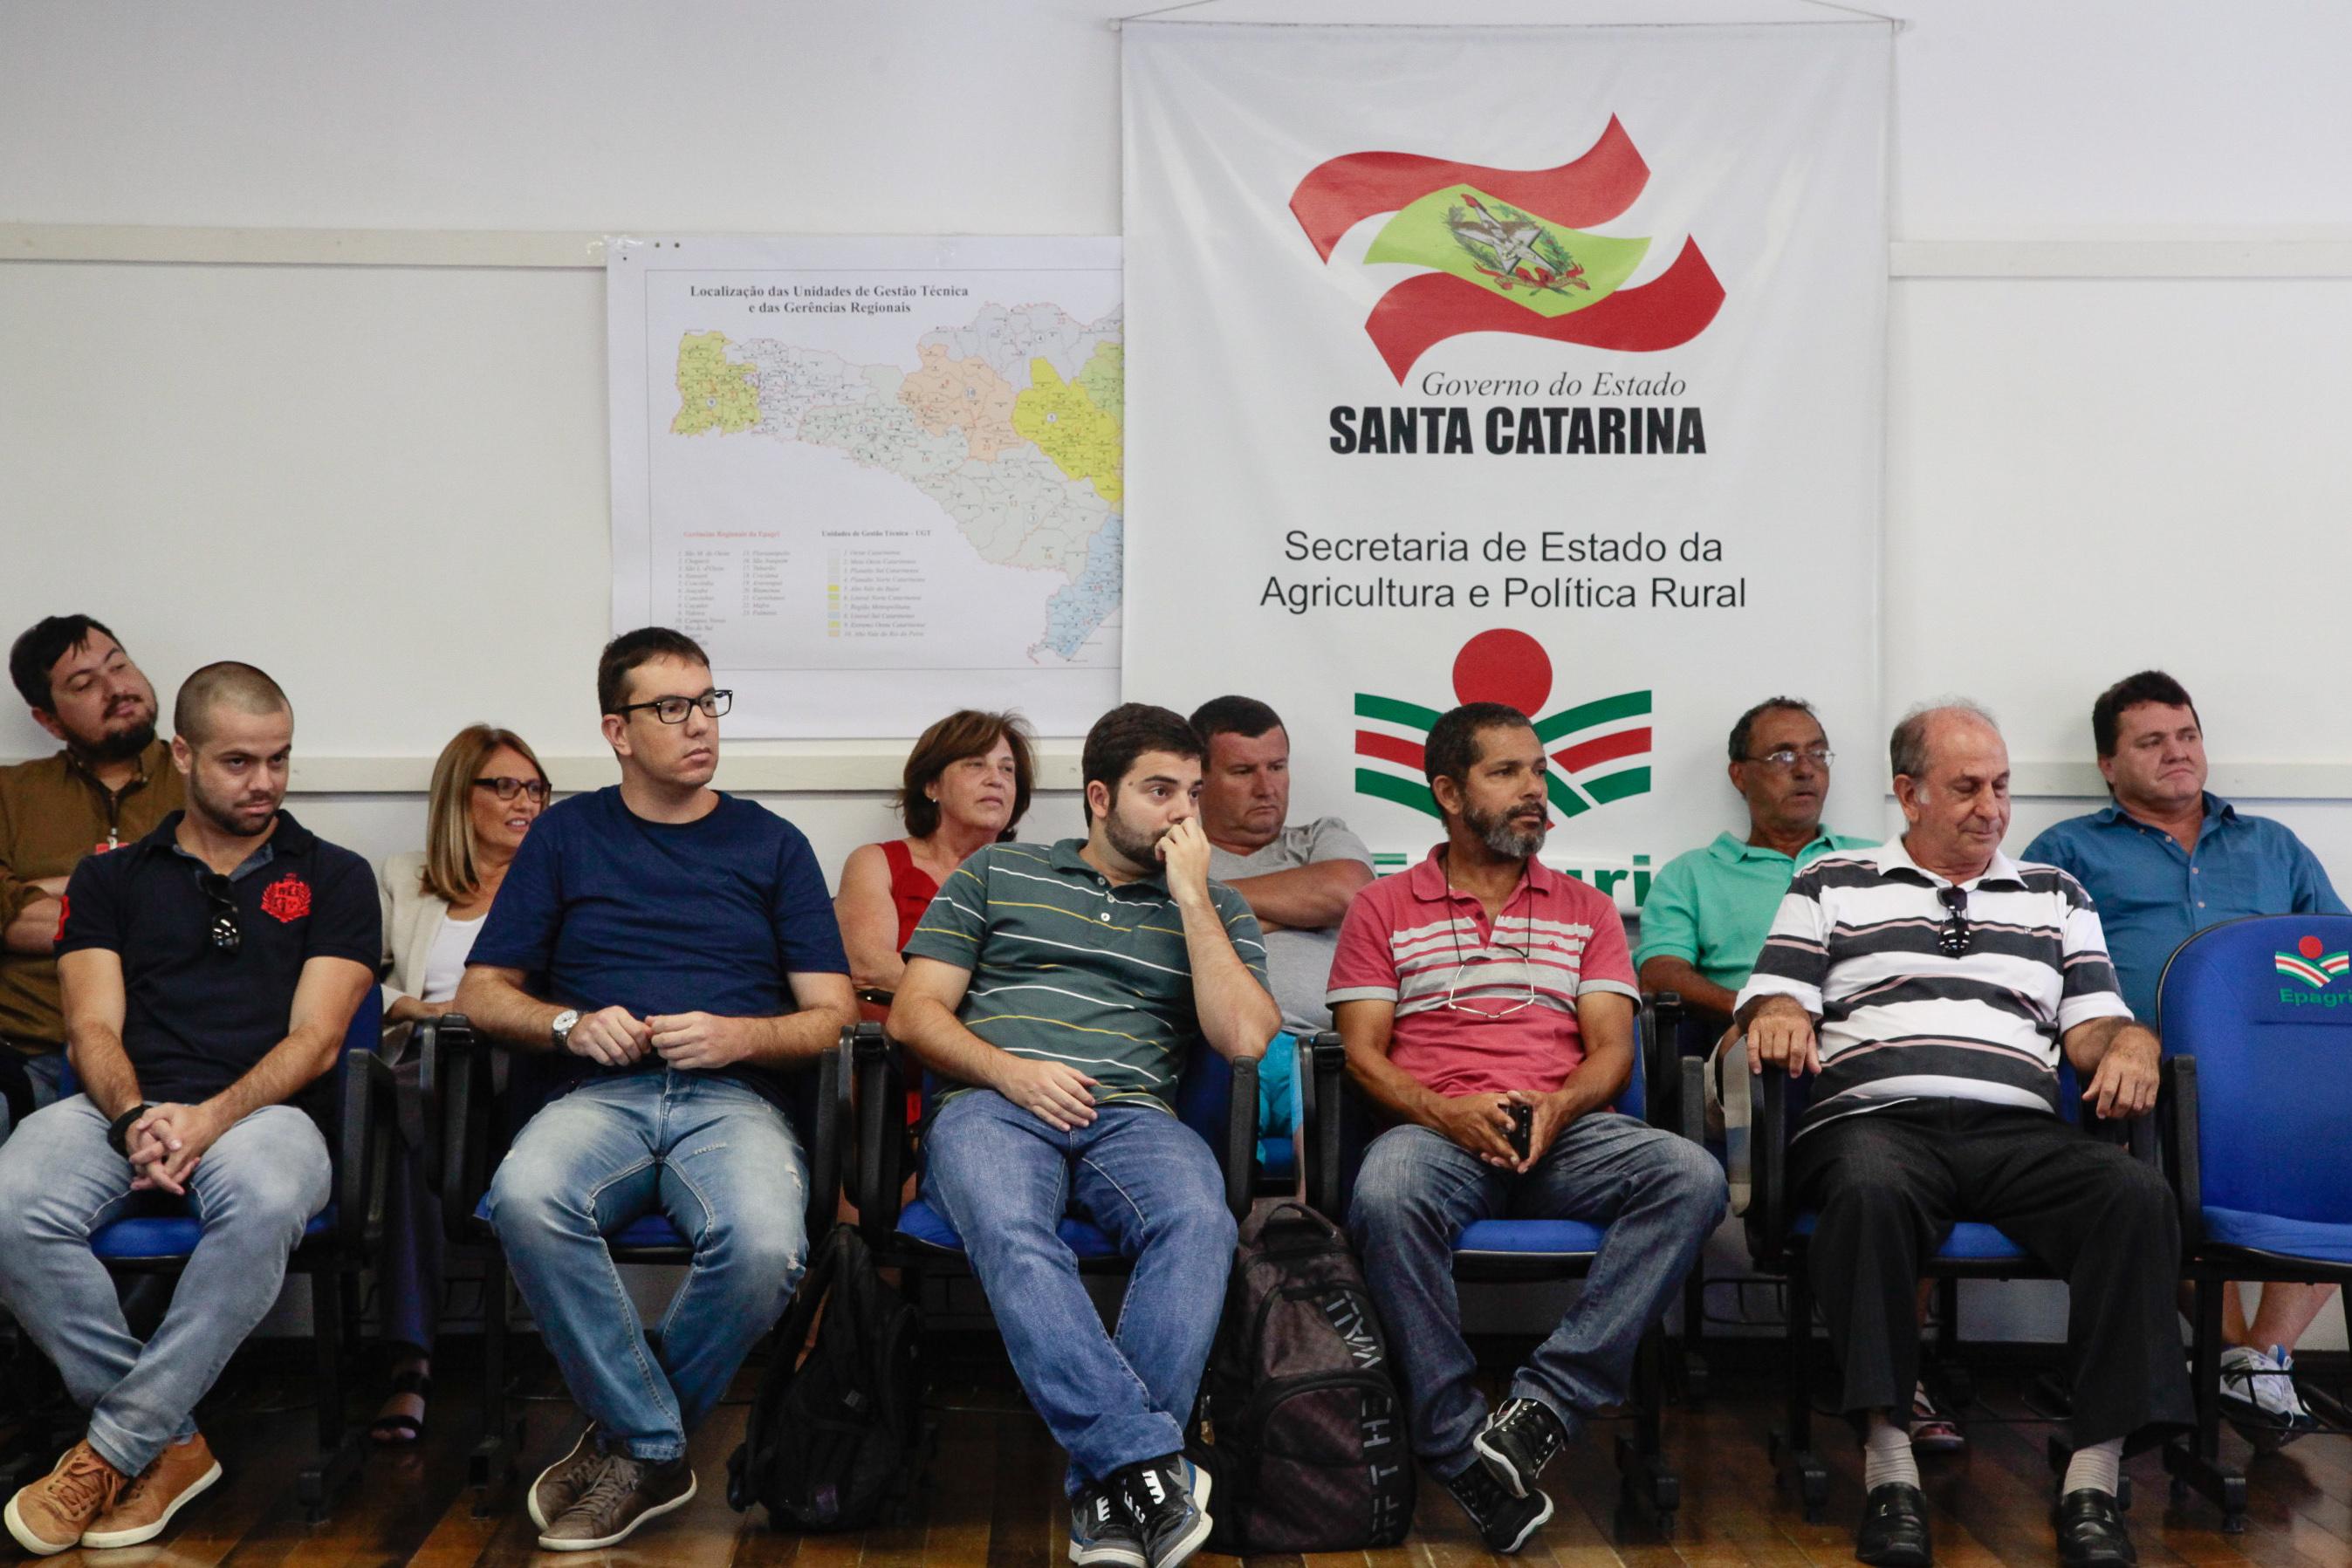 Programa vai qualificar gestão de cooperativas e associações rurais